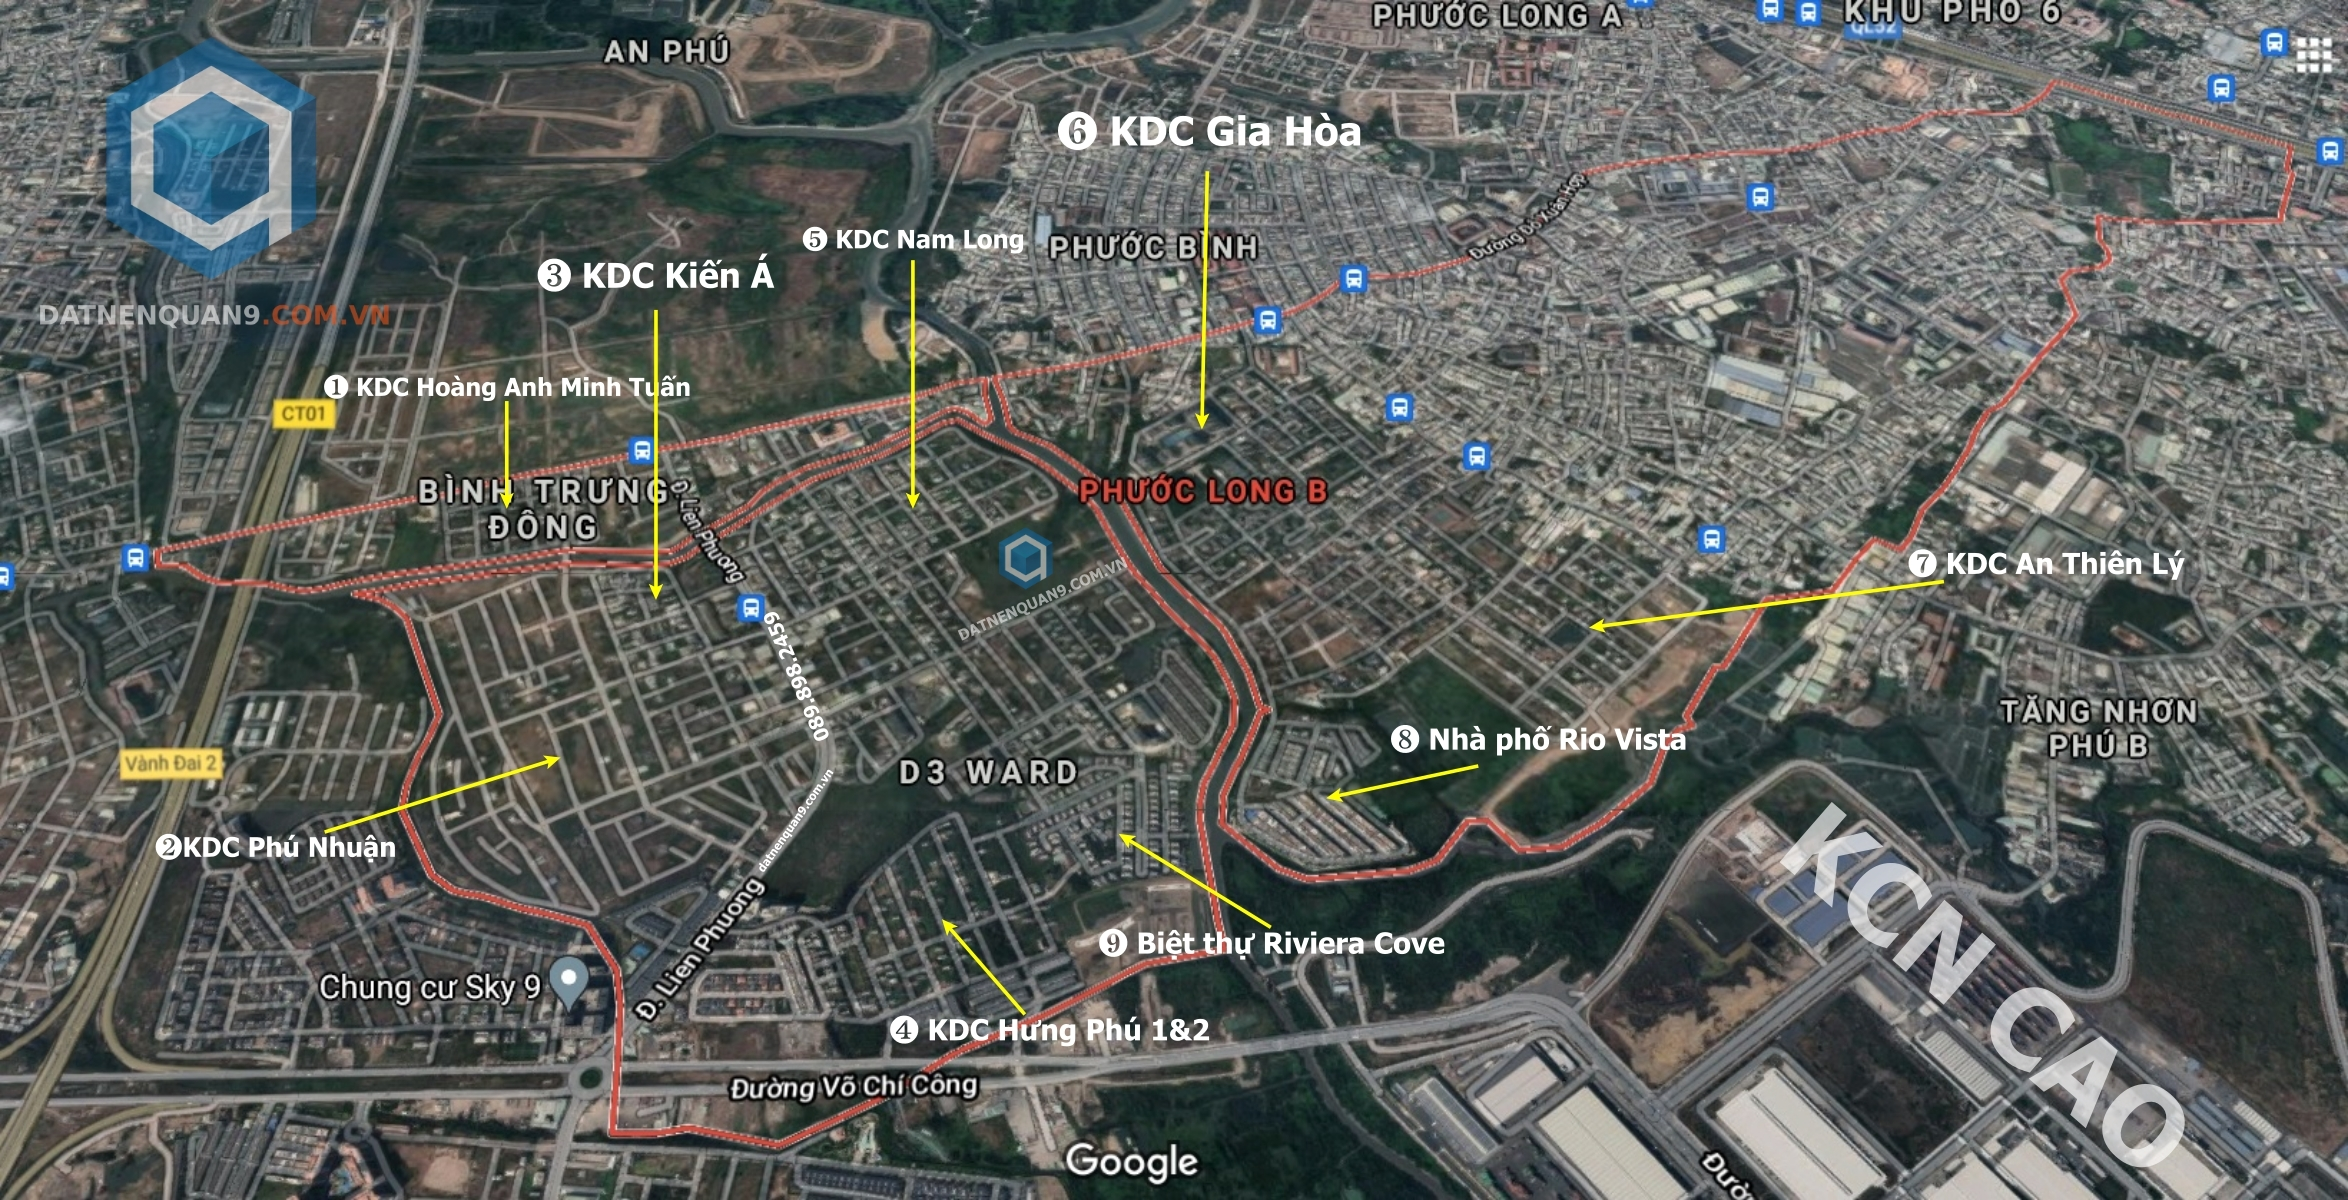 Danh sách các dự án đất nền phường Phước Long B, Quận 9